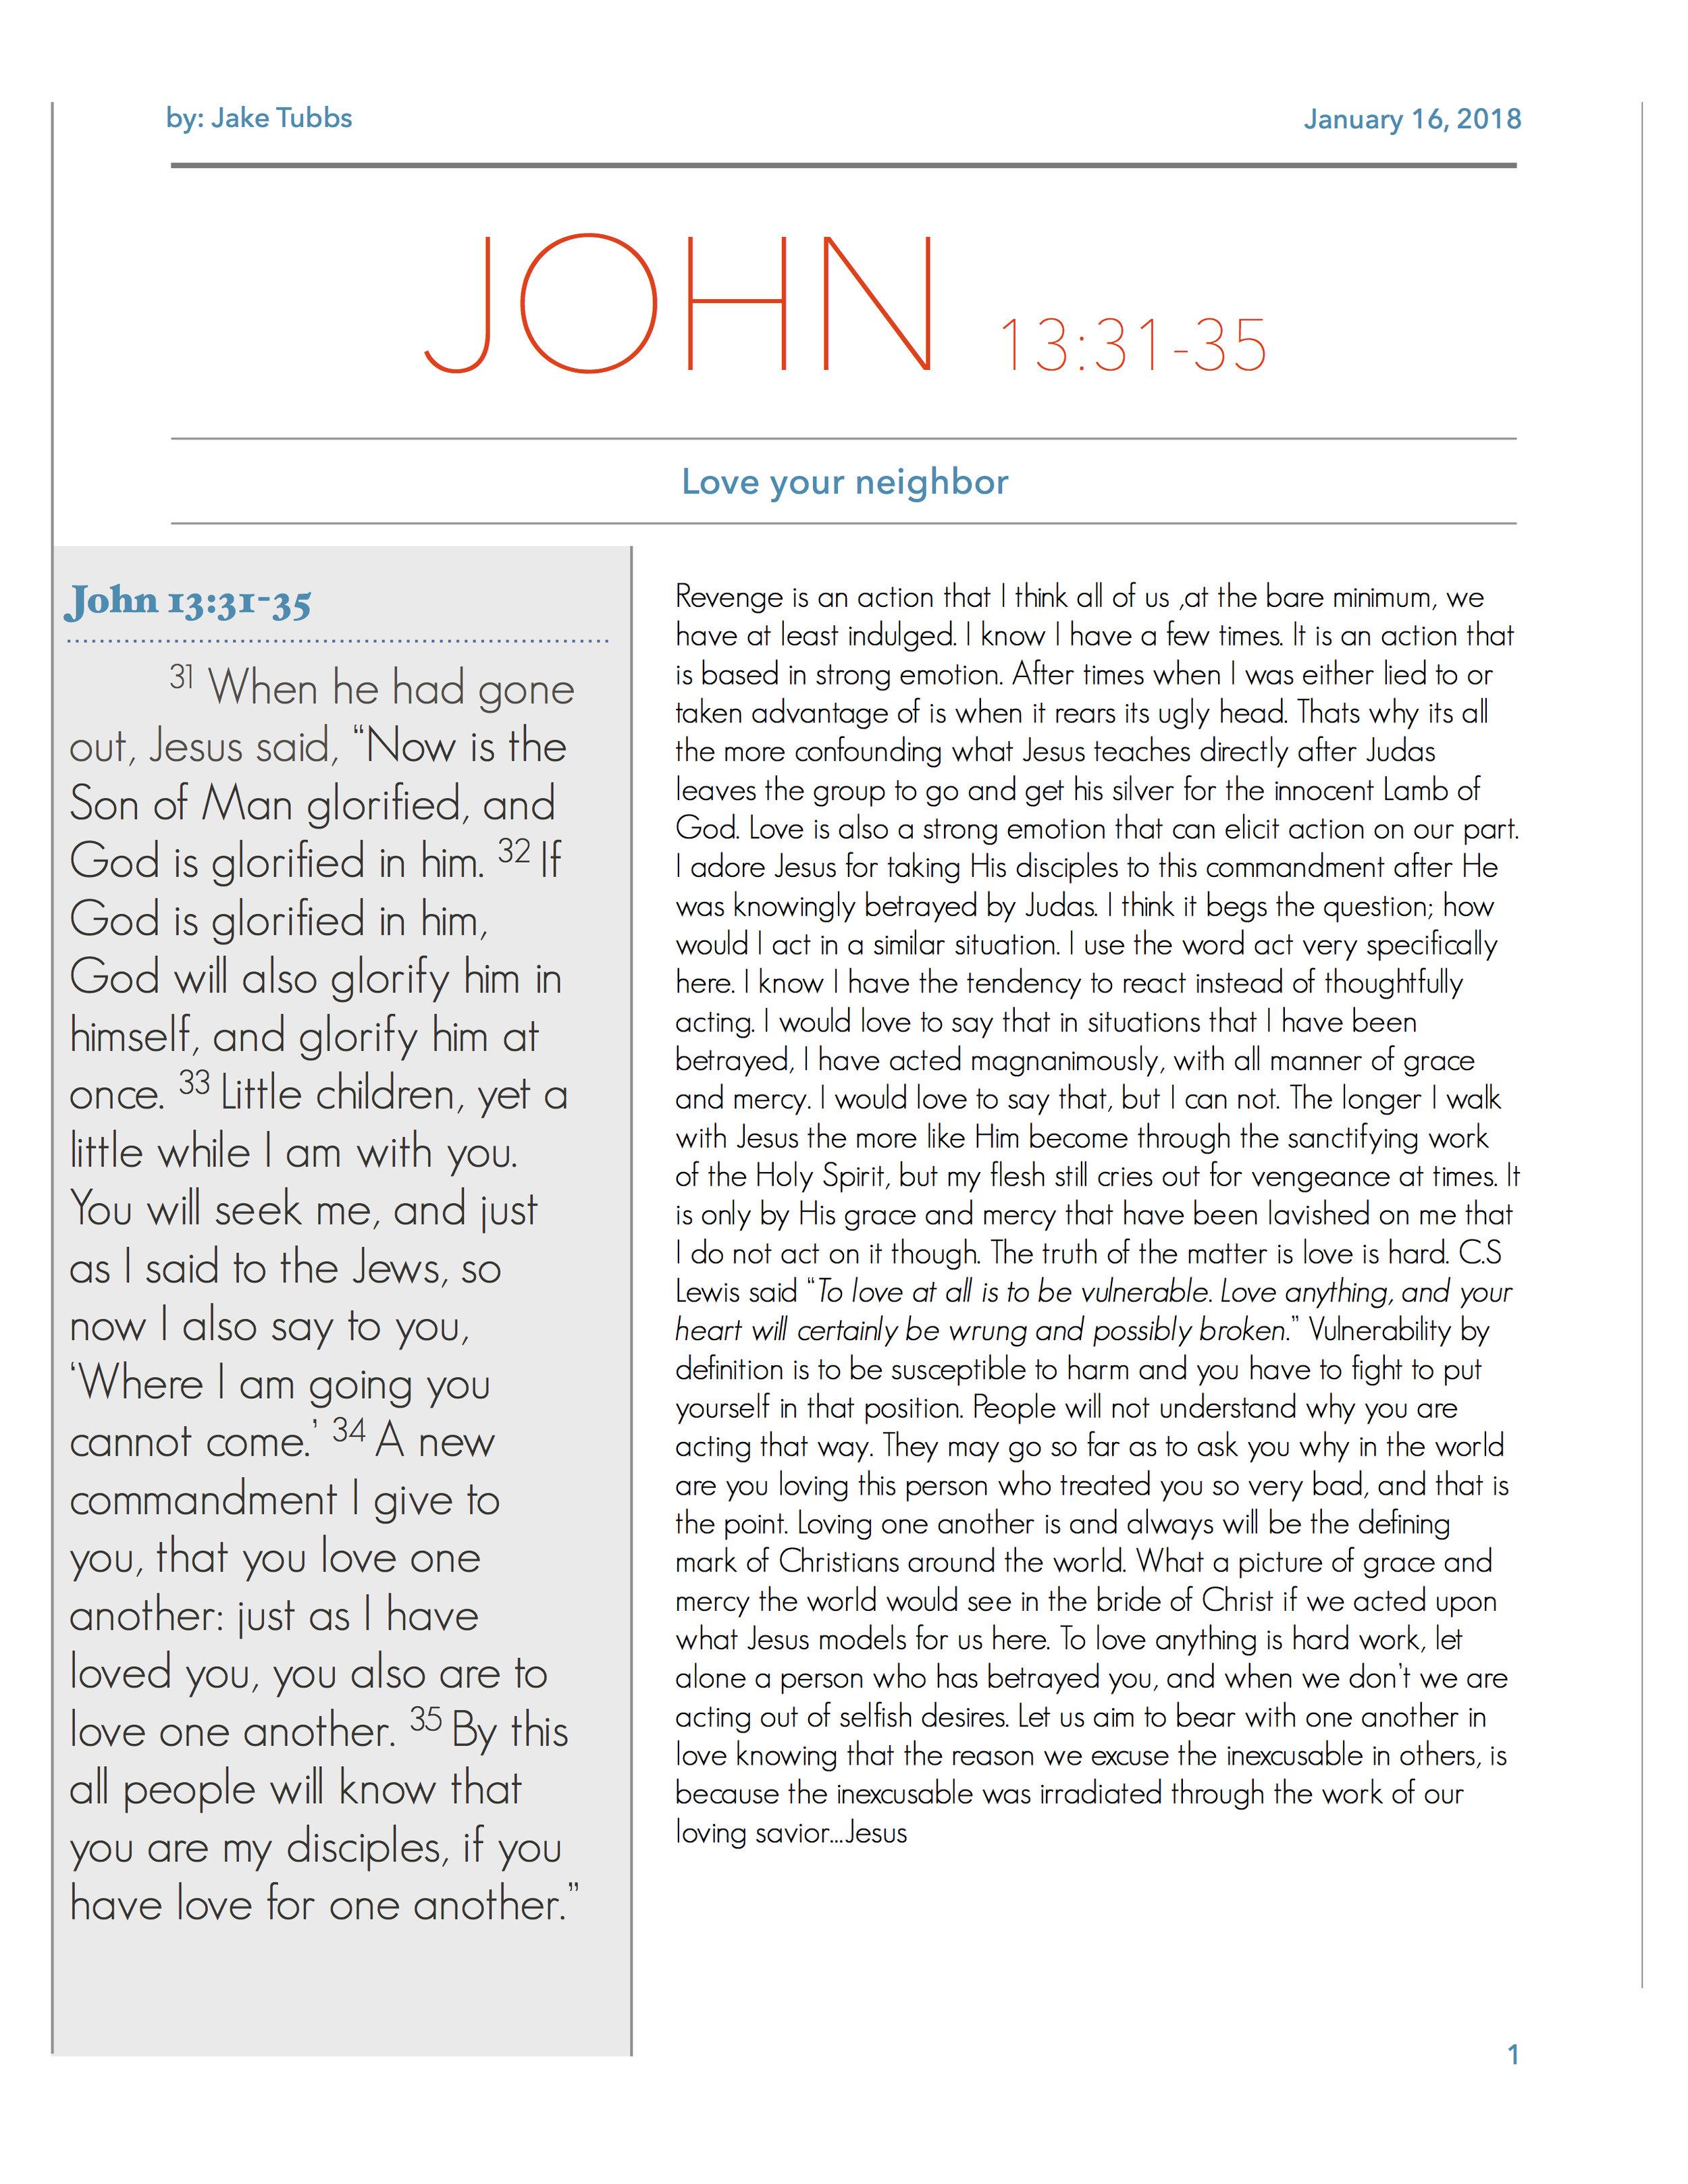 John 13-31-35.jpg